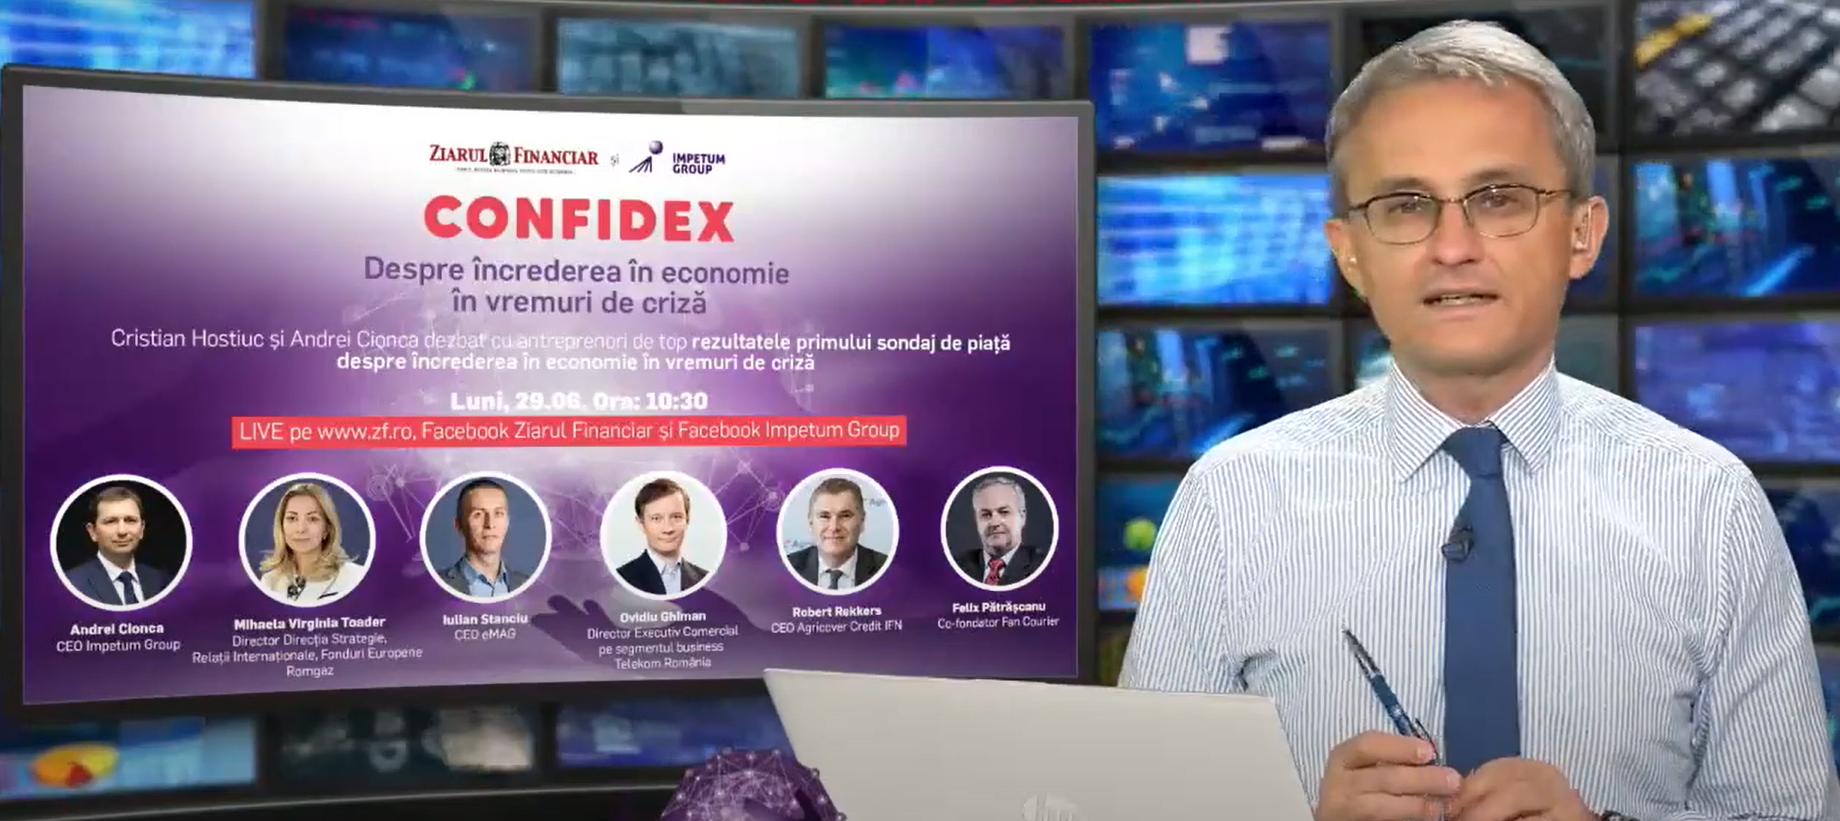 Confidex Q2: Rezultatele primului studiu despre încrederea în economie